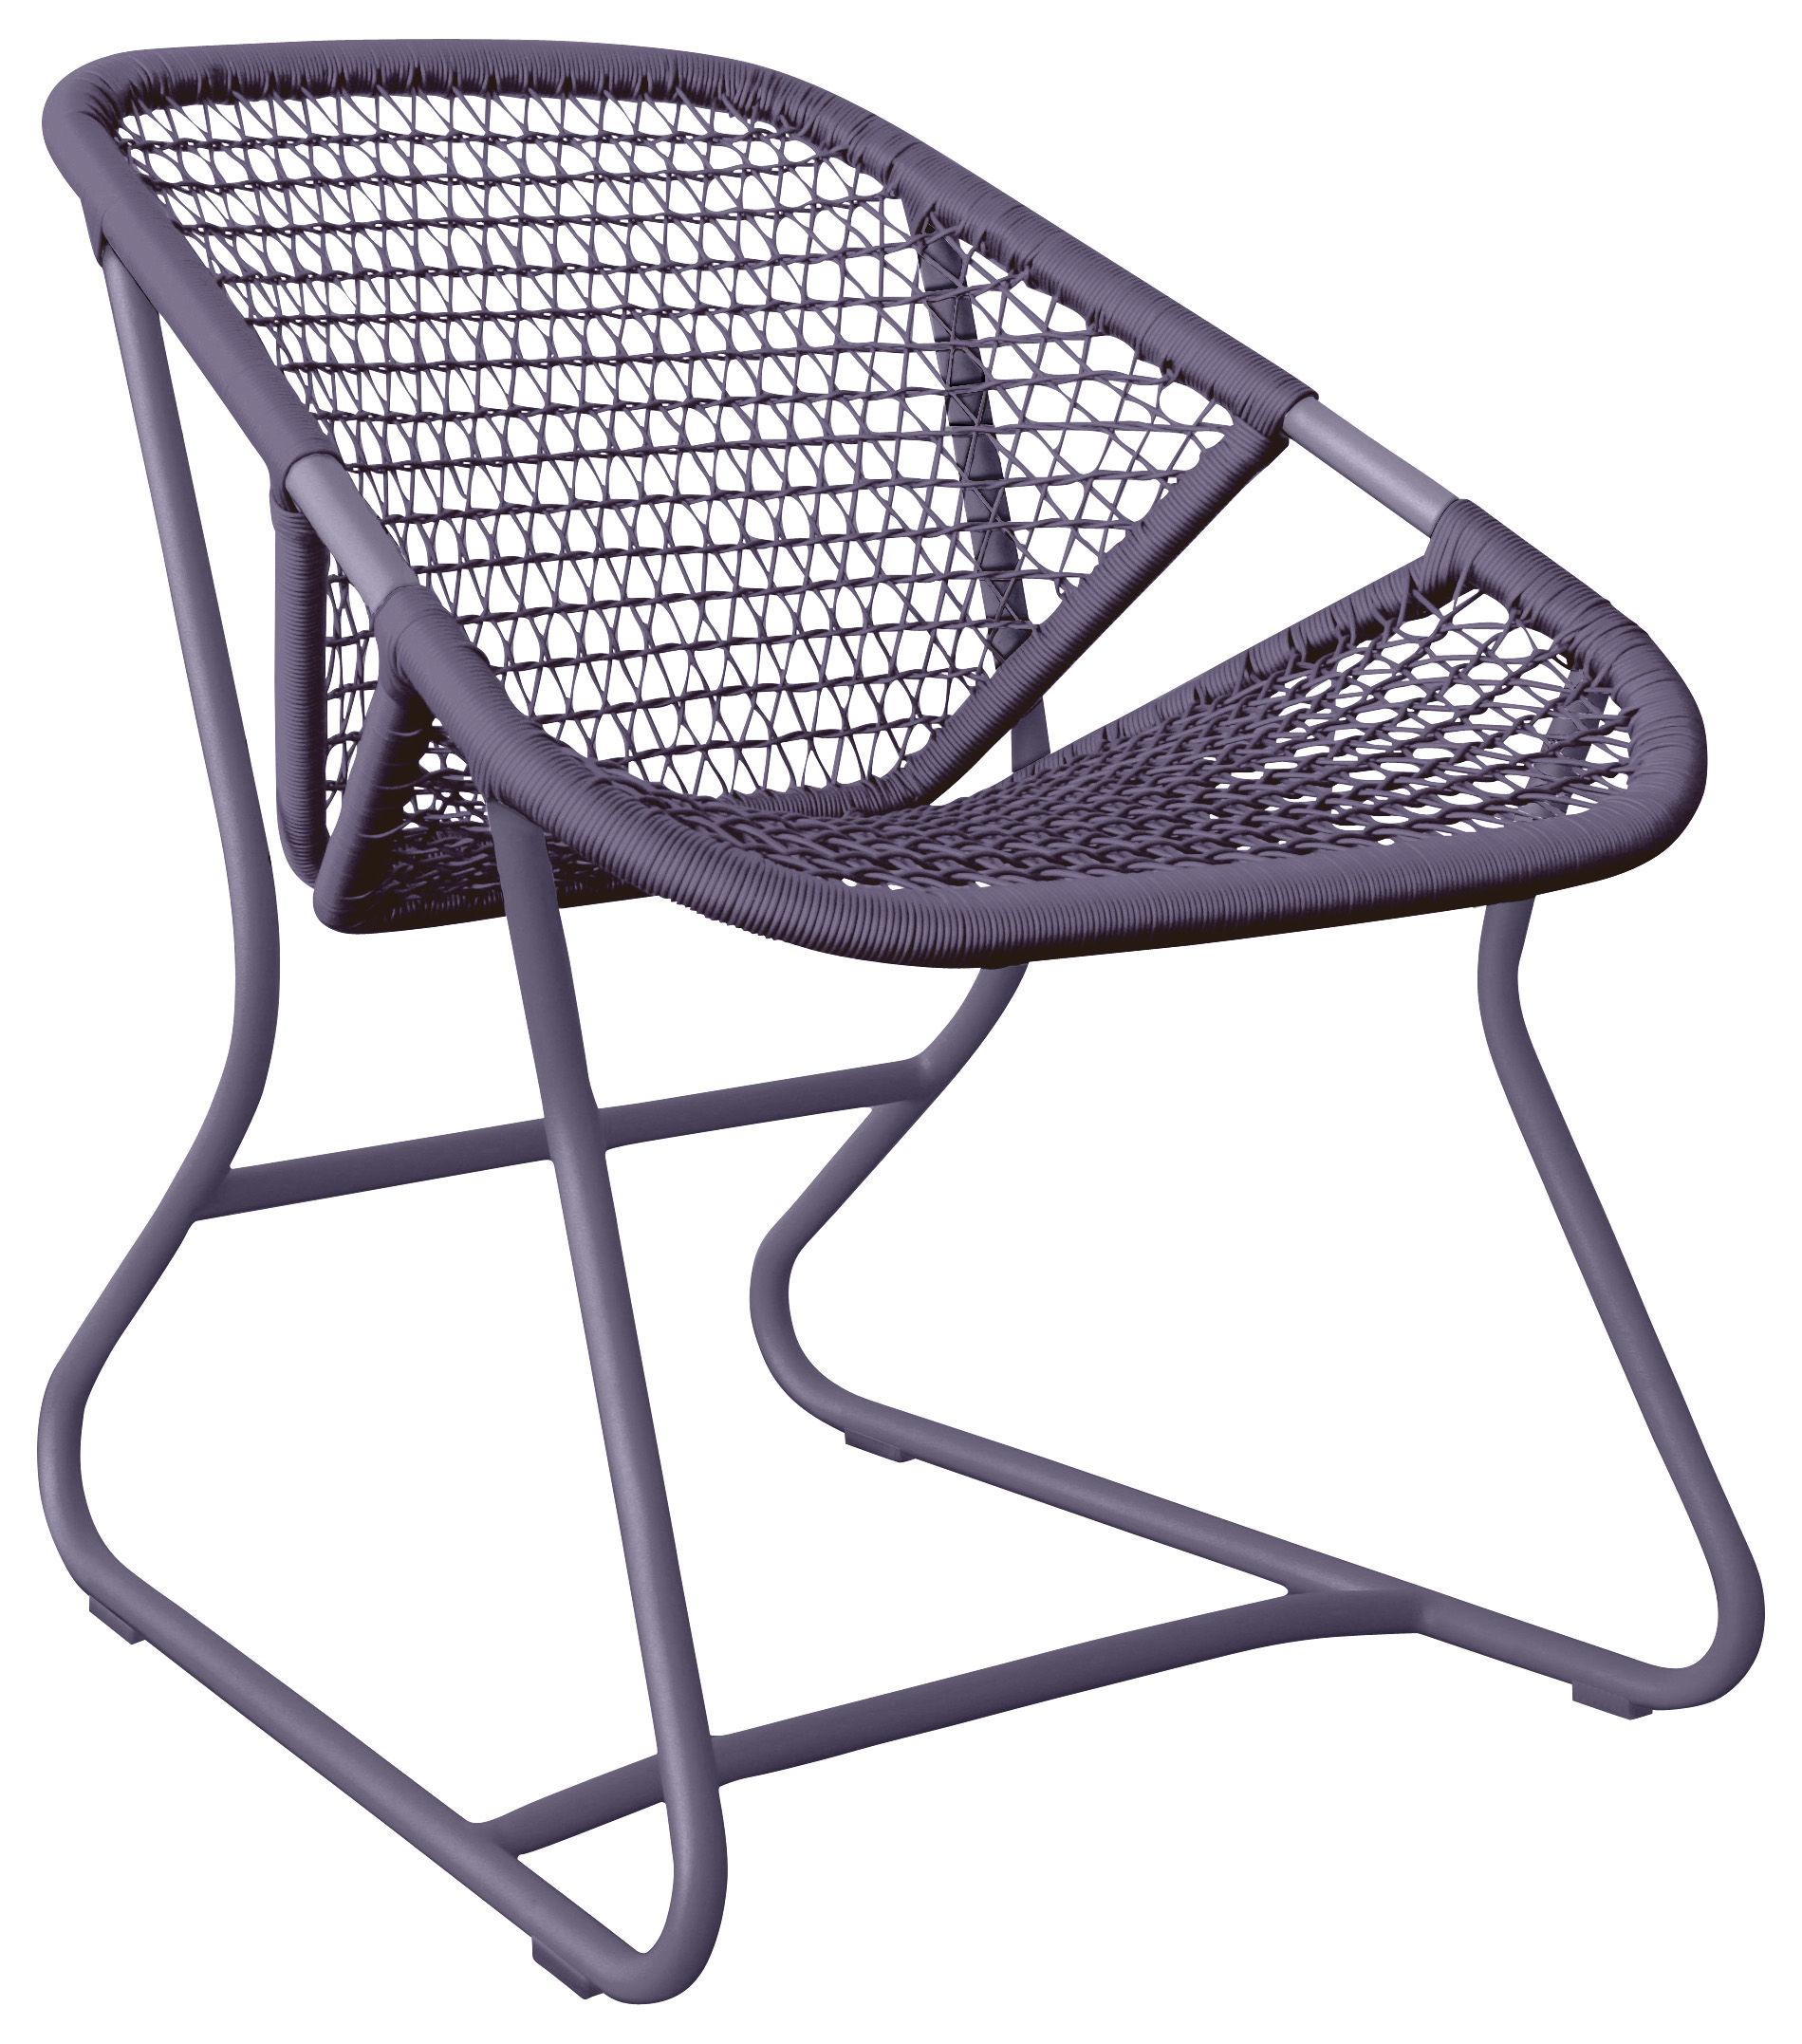 Mobilier - Fauteuils - Fauteuil bas Sixties / Assise souple plastique tressé - Fermob - Prune - Aluminium, Résine polymère